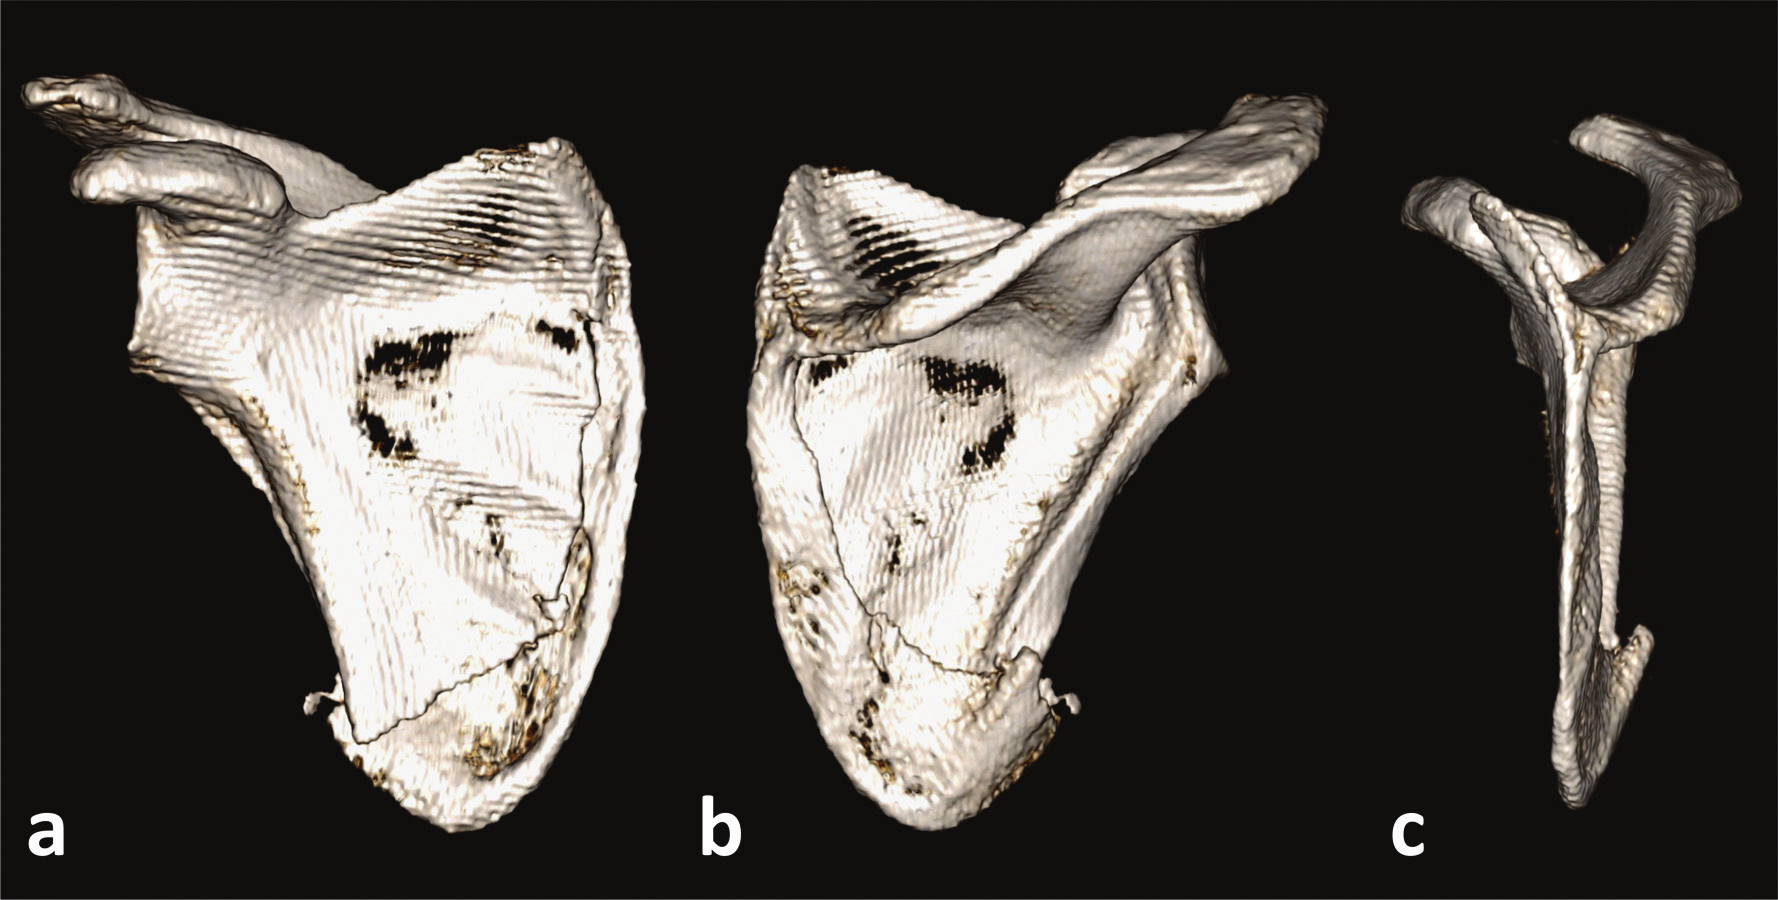 Zlomenina apexu dolního úhlu s postižením mediálního okraje a – přední pohled, b – dorzální pohled, c – mediální pohled. Fig. 5: Fracture of apex of the inferior angle with medial border involvement a – anterior view, b – posterior view, c – medial view.